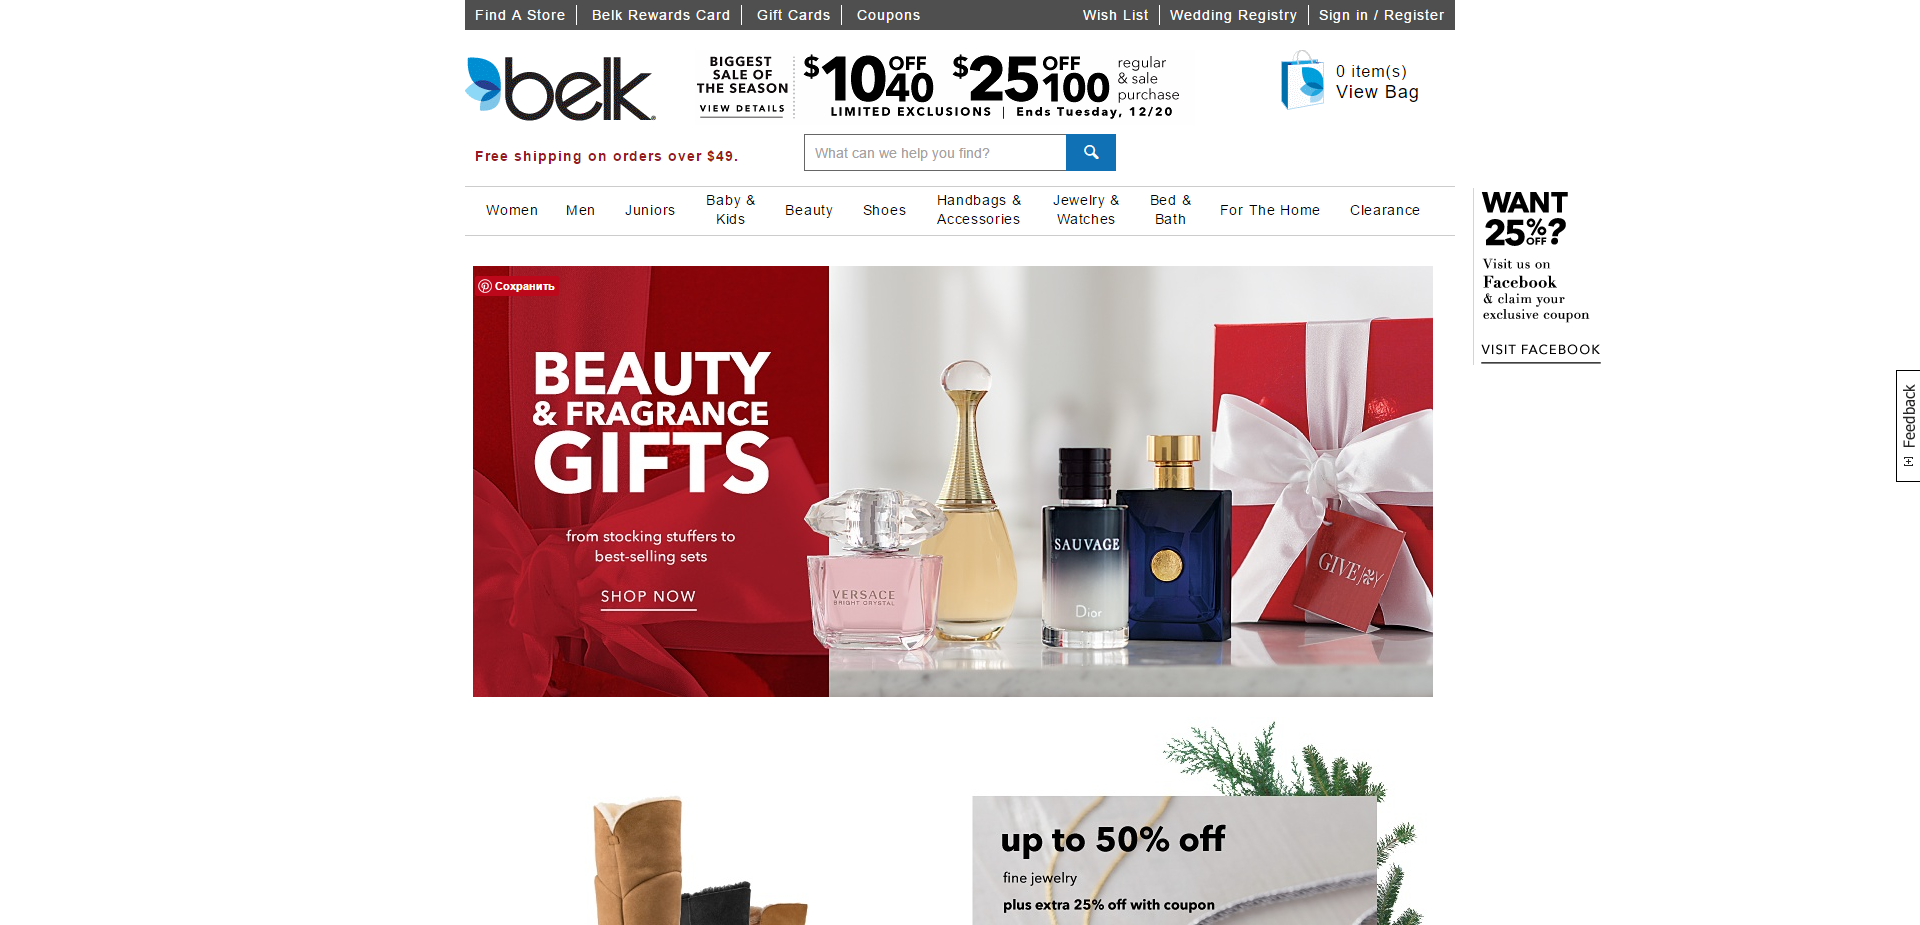 Belk company profile - Office locations, jobs, key people ...